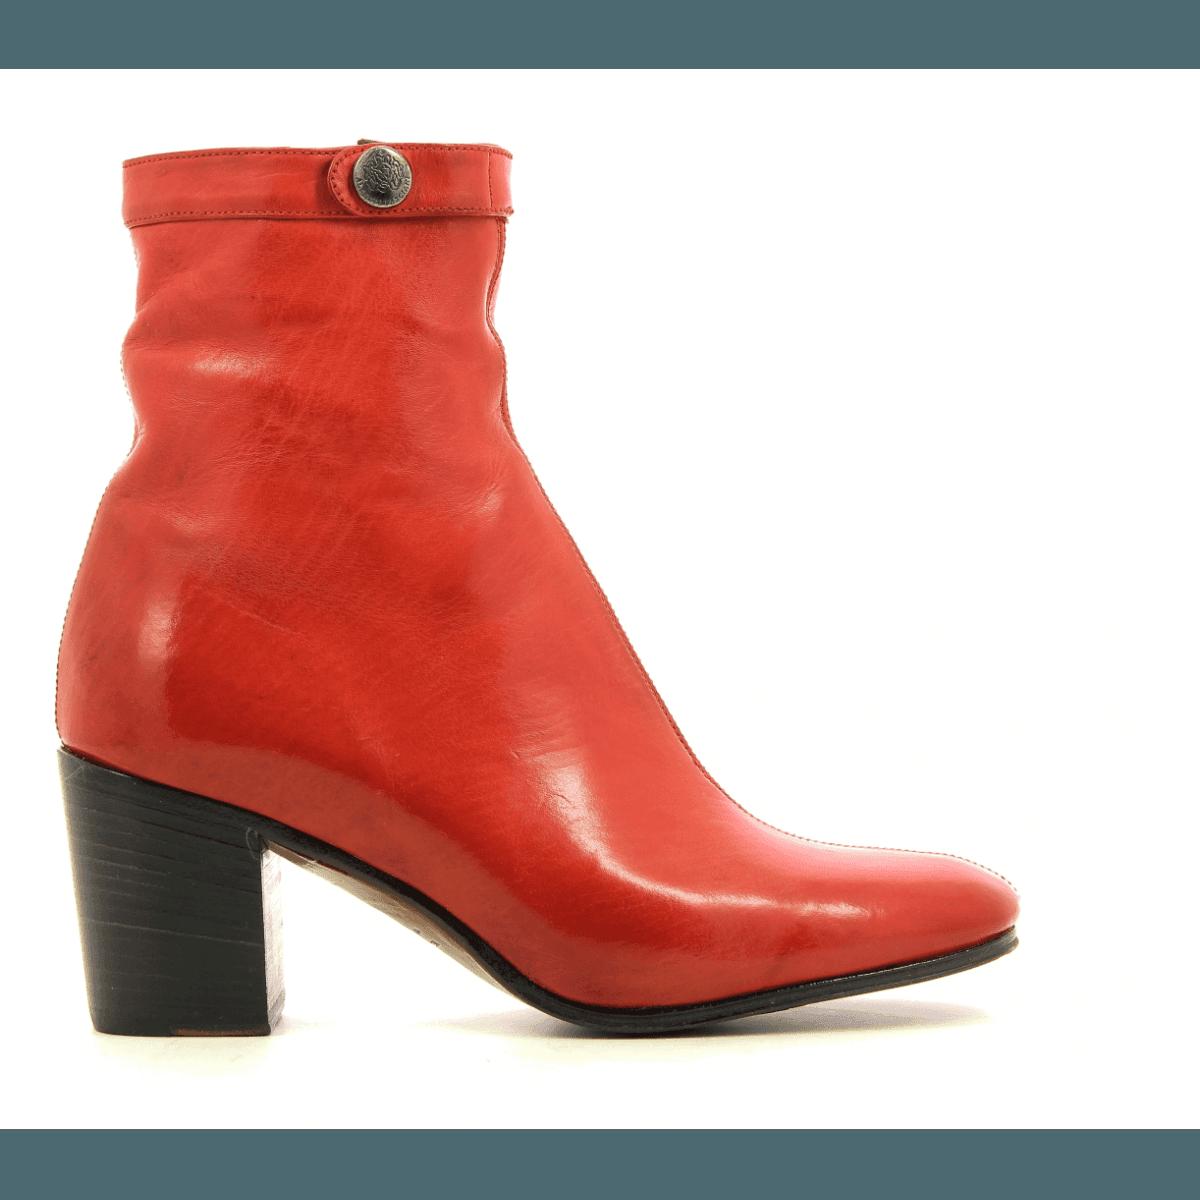 Les bottines en cuir ARA rouge Riporto Rouge Cobra Femme Gowest Santiag - 5us - 38eur Chaussures TUK Viva noires Casual unisexe Columbia Chaussures de randonnée Terrebonne Outdry Extreme Mid UwHqdTJ